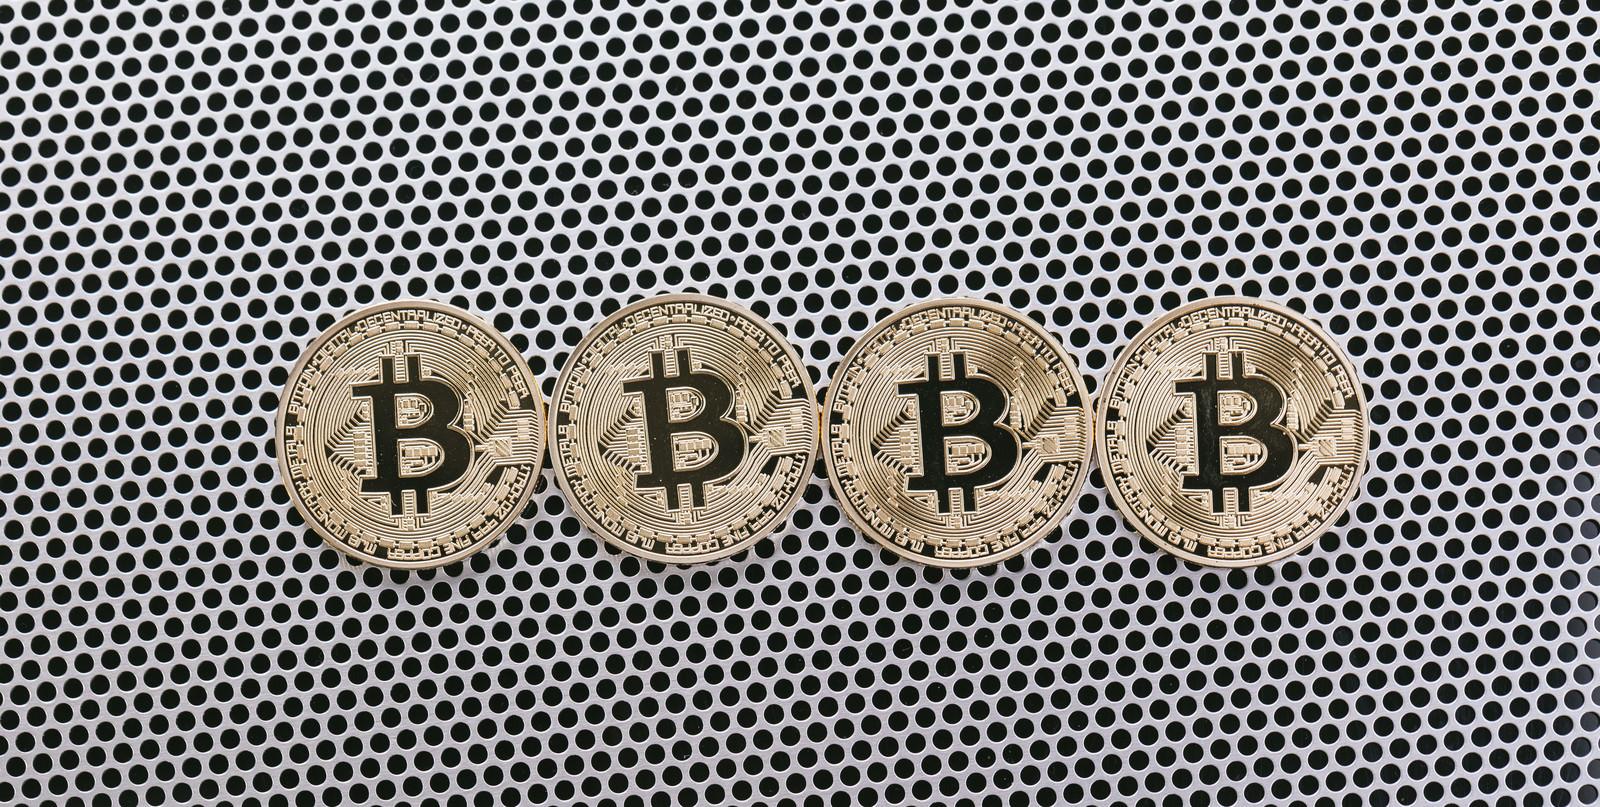 「ビットコインキャンペーン」の写真